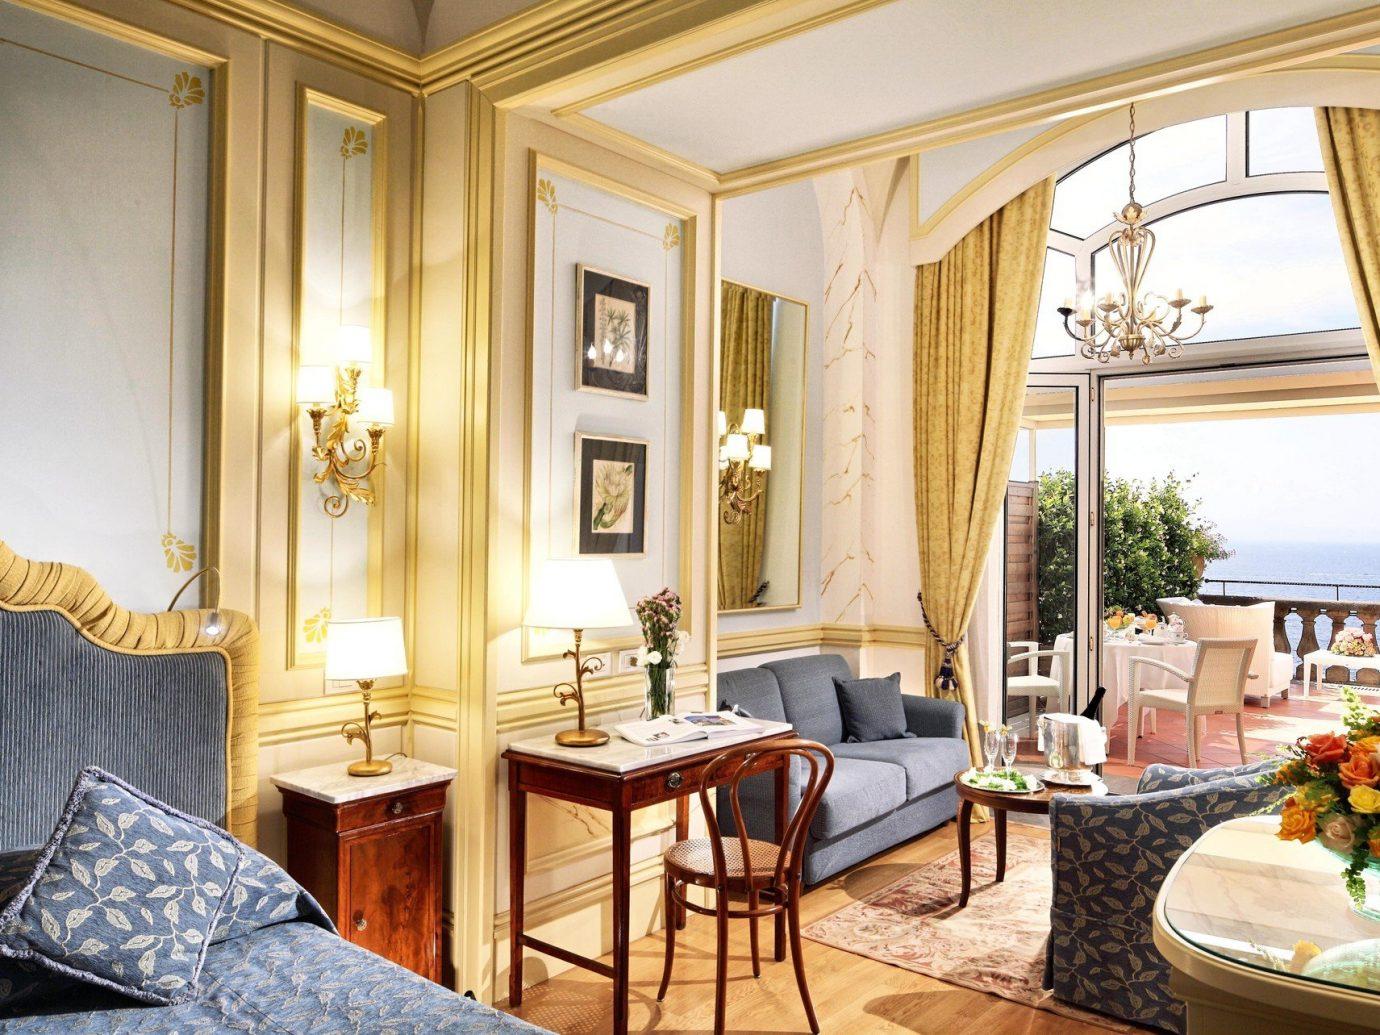 Hotels indoor window room floor property estate Suite living room home interior design mansion dining room Villa real estate Resort cottage ceiling furniture decorated